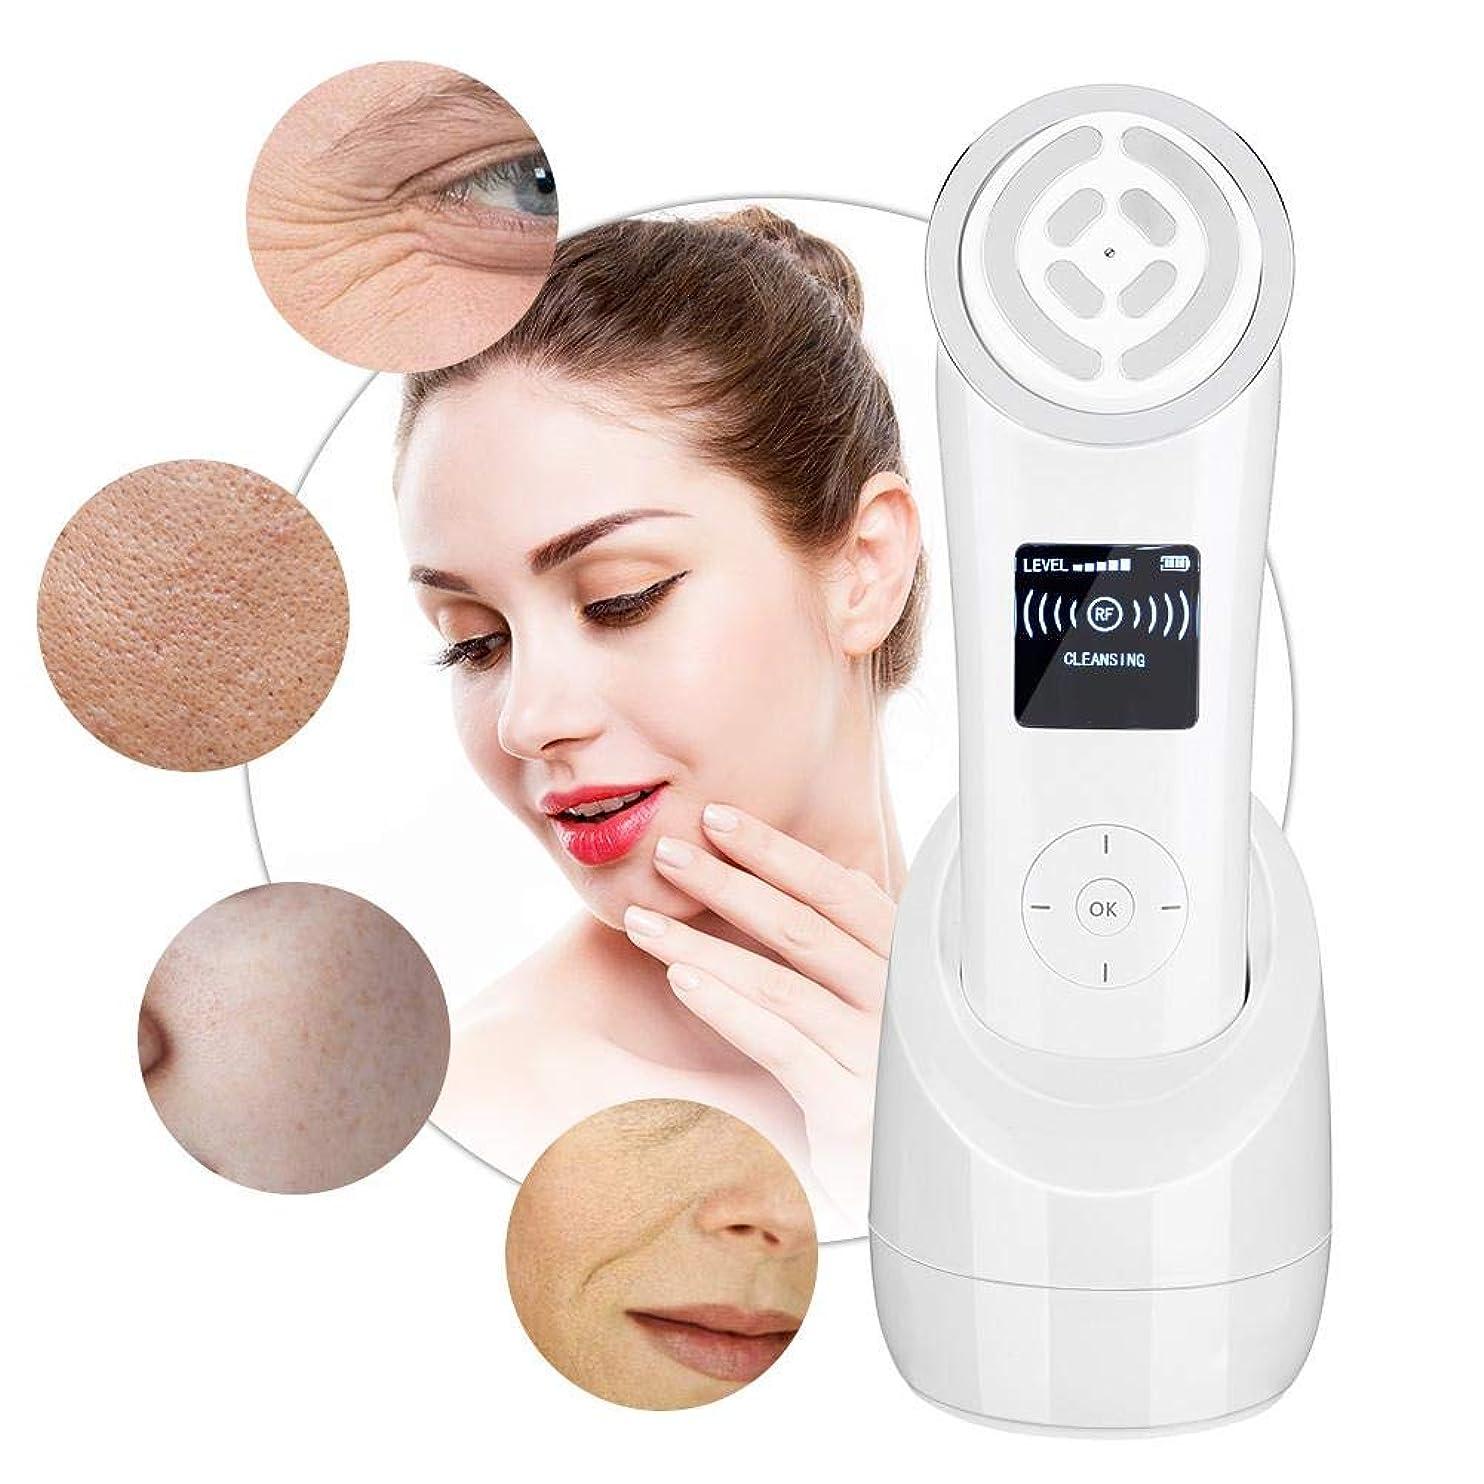 まっすぐにする支給ハック顔の美しさのマシン - RF周波数アンチエイジングアンチリンクル、肌の若返り楽器 - ポータブル若返り肌がEMS筋肉刺激を強化(UE)